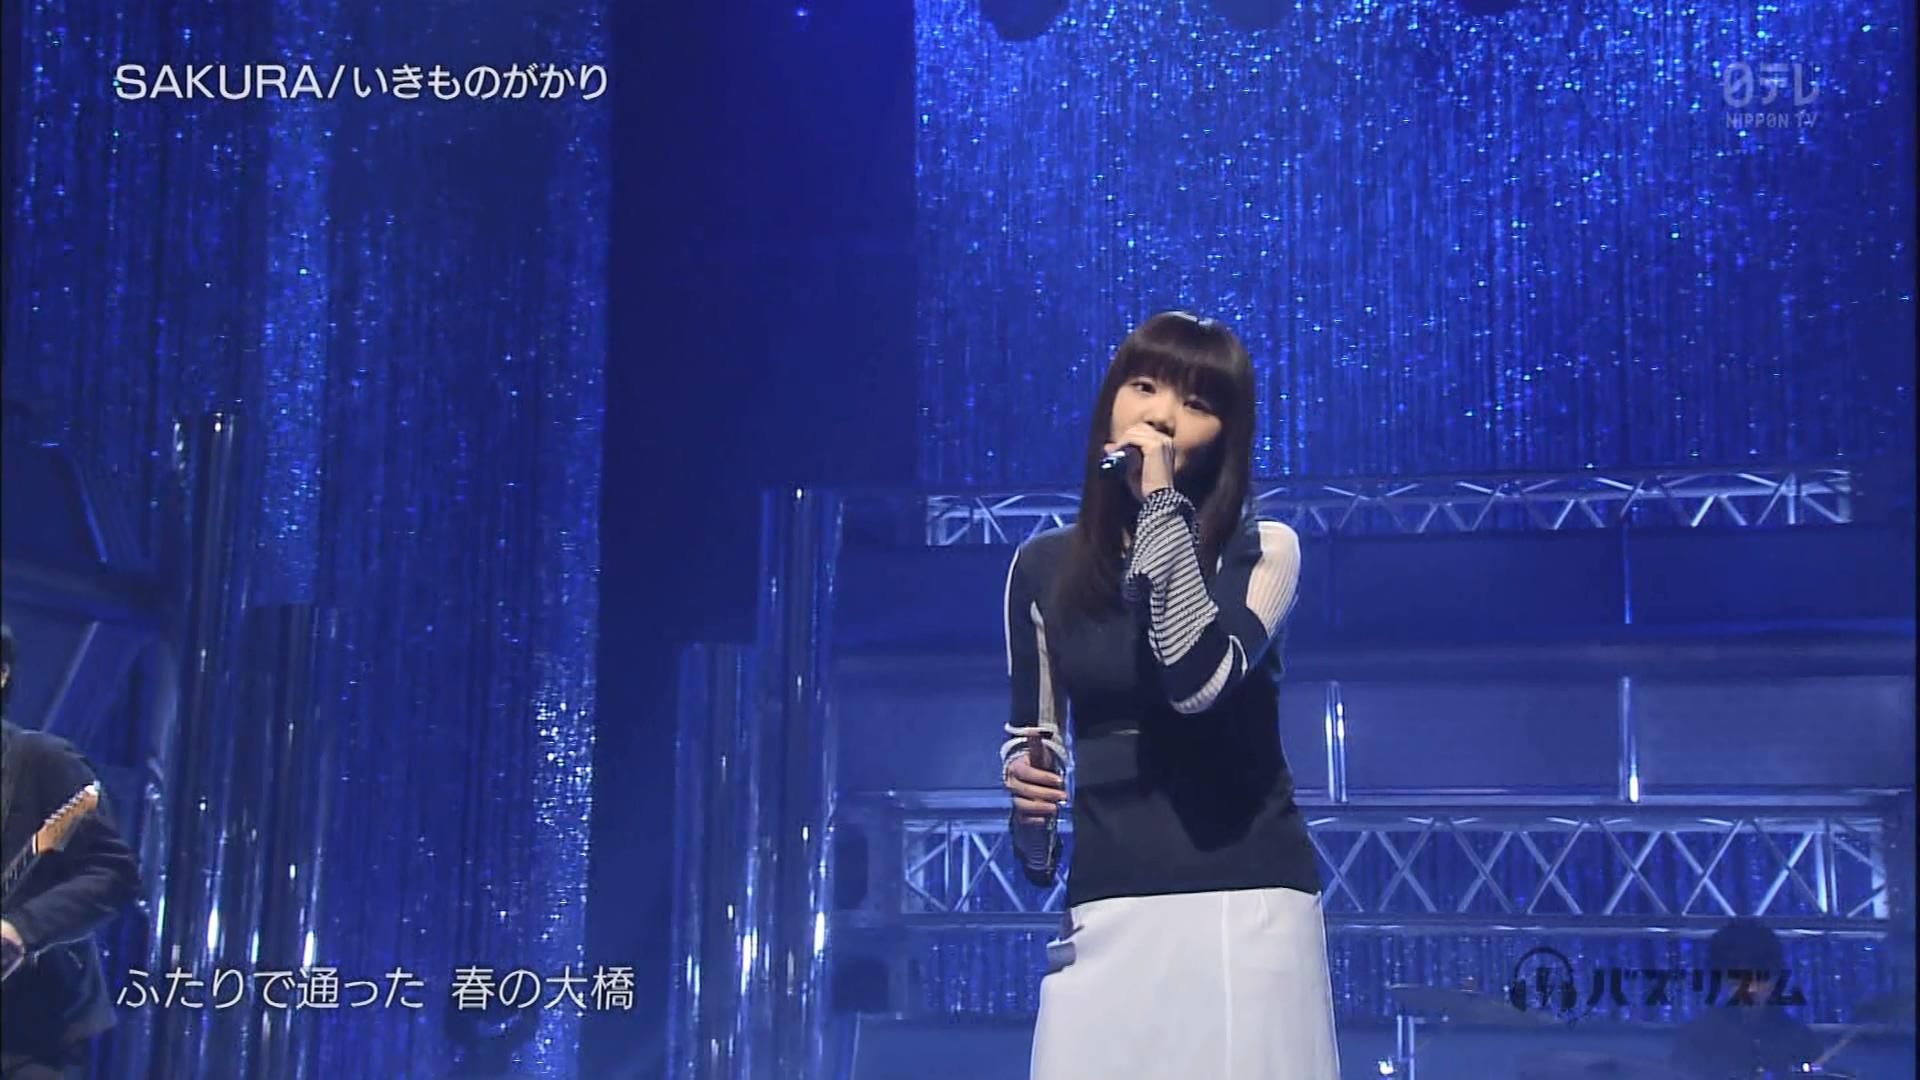 2016.03.11 全場(バズリズム).ts_20160312_021047.657